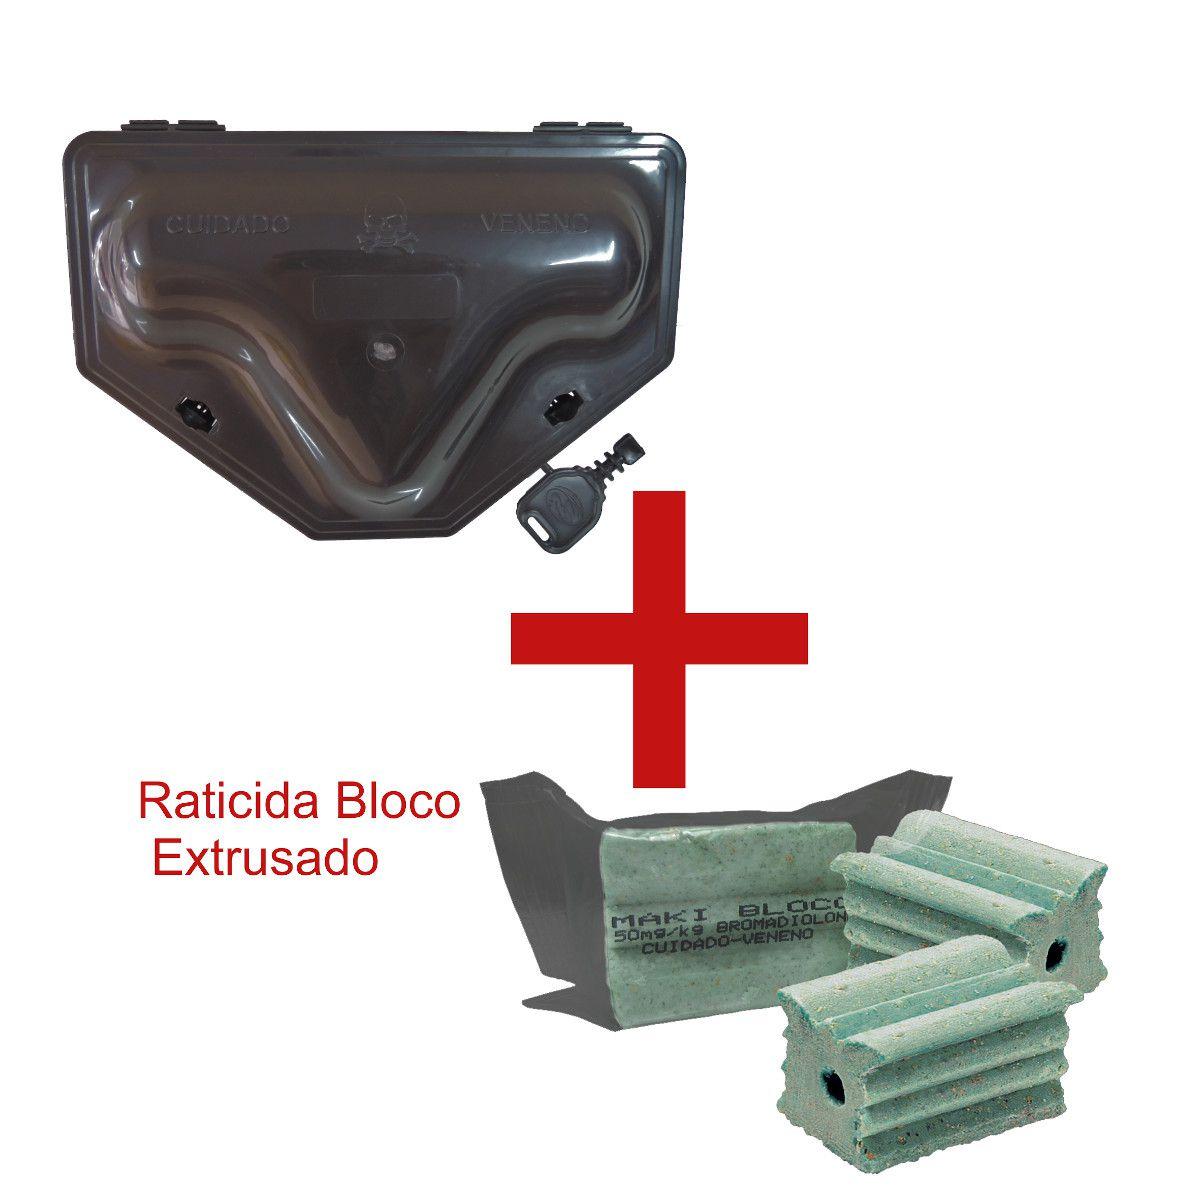 35 Porta Iscas C/ TRAVAMENTO DUPLO + 35 Blocos Extrusado